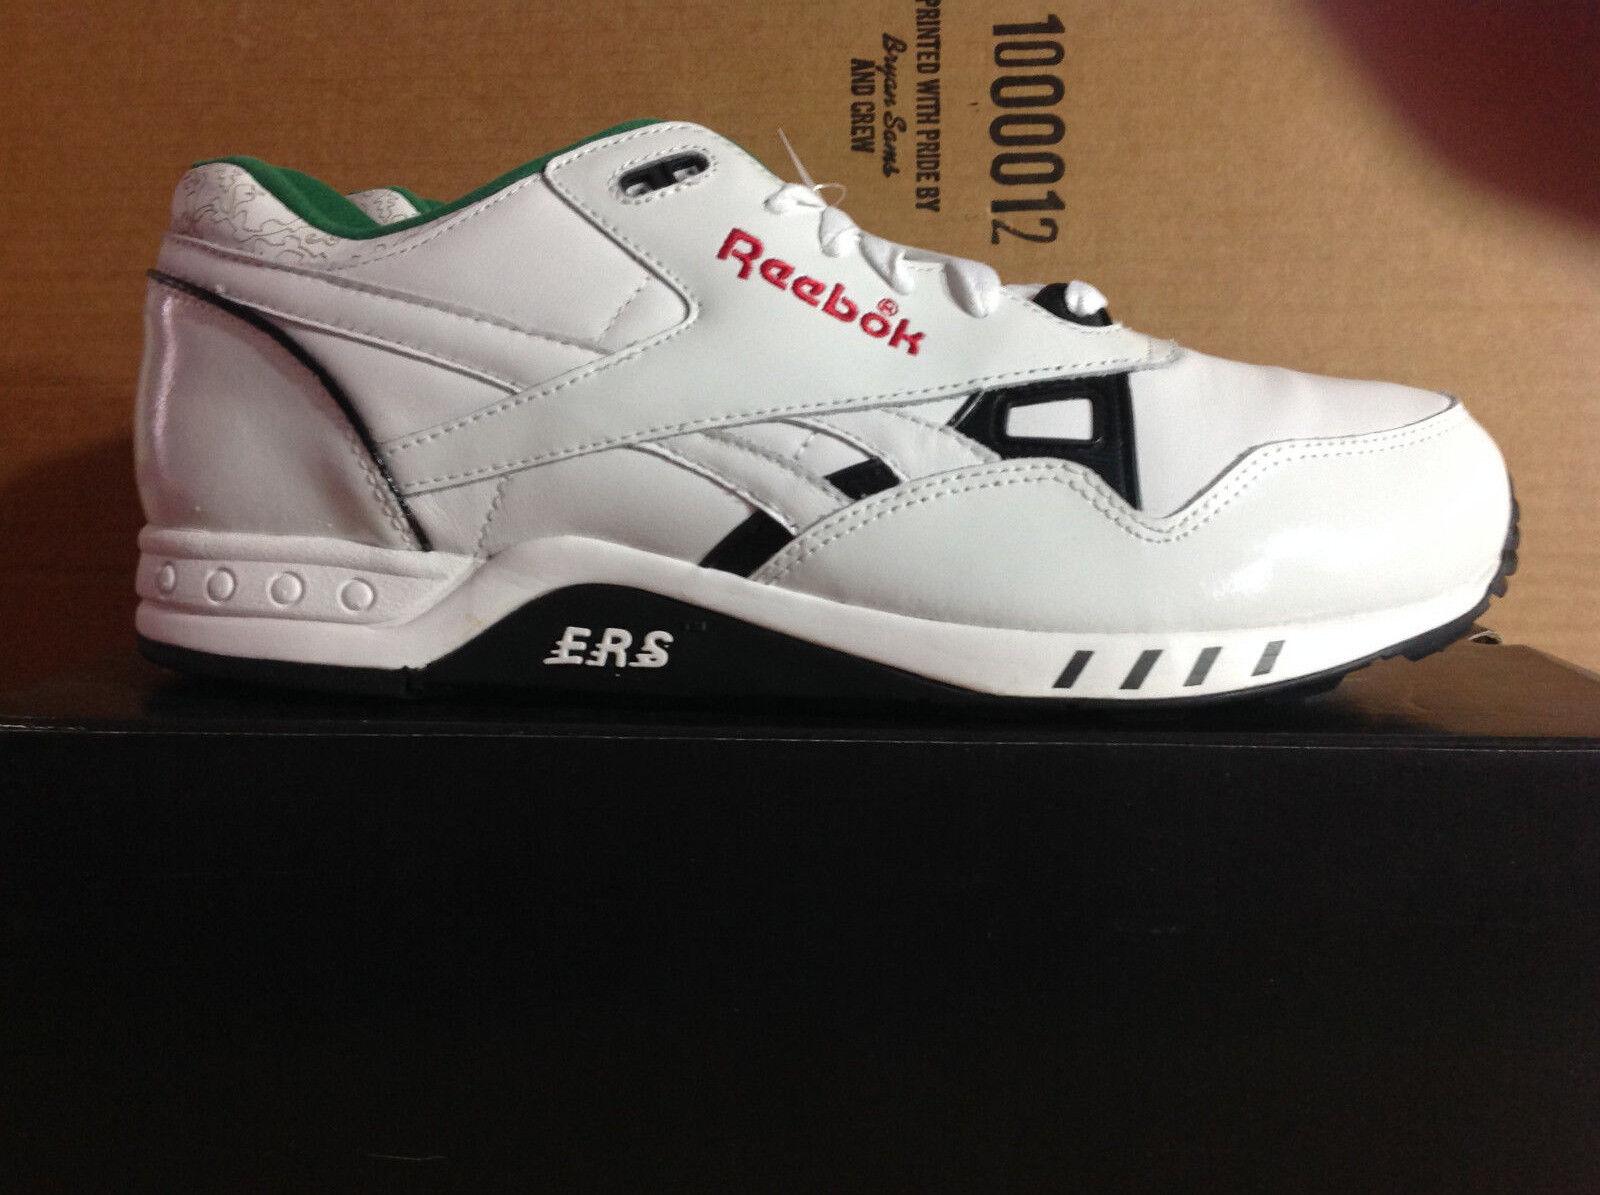 REEBOK ERS 2000-RFC estilo para hombres talla US10-Muy Rara - 3600 Pares hecho